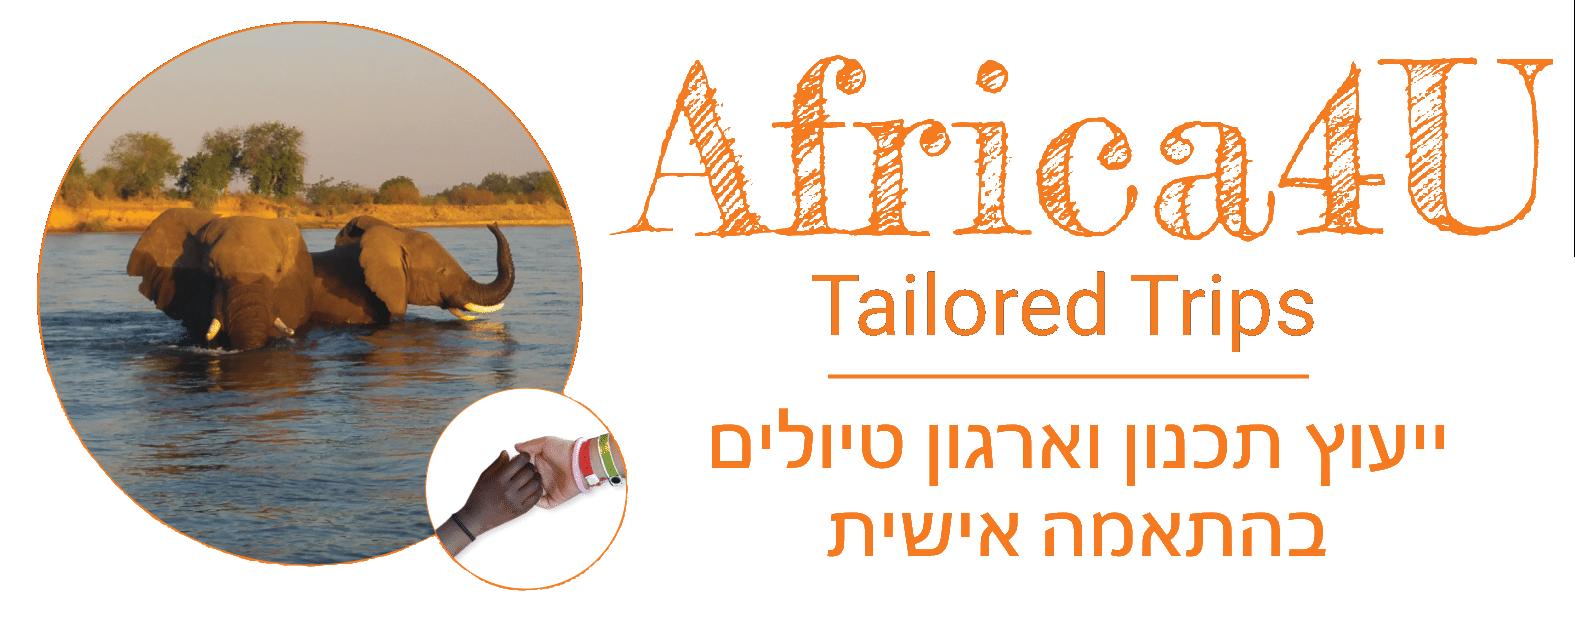 לוגו של Africa4U ייעוץ ותכנון טיולים בהתאמה אישית